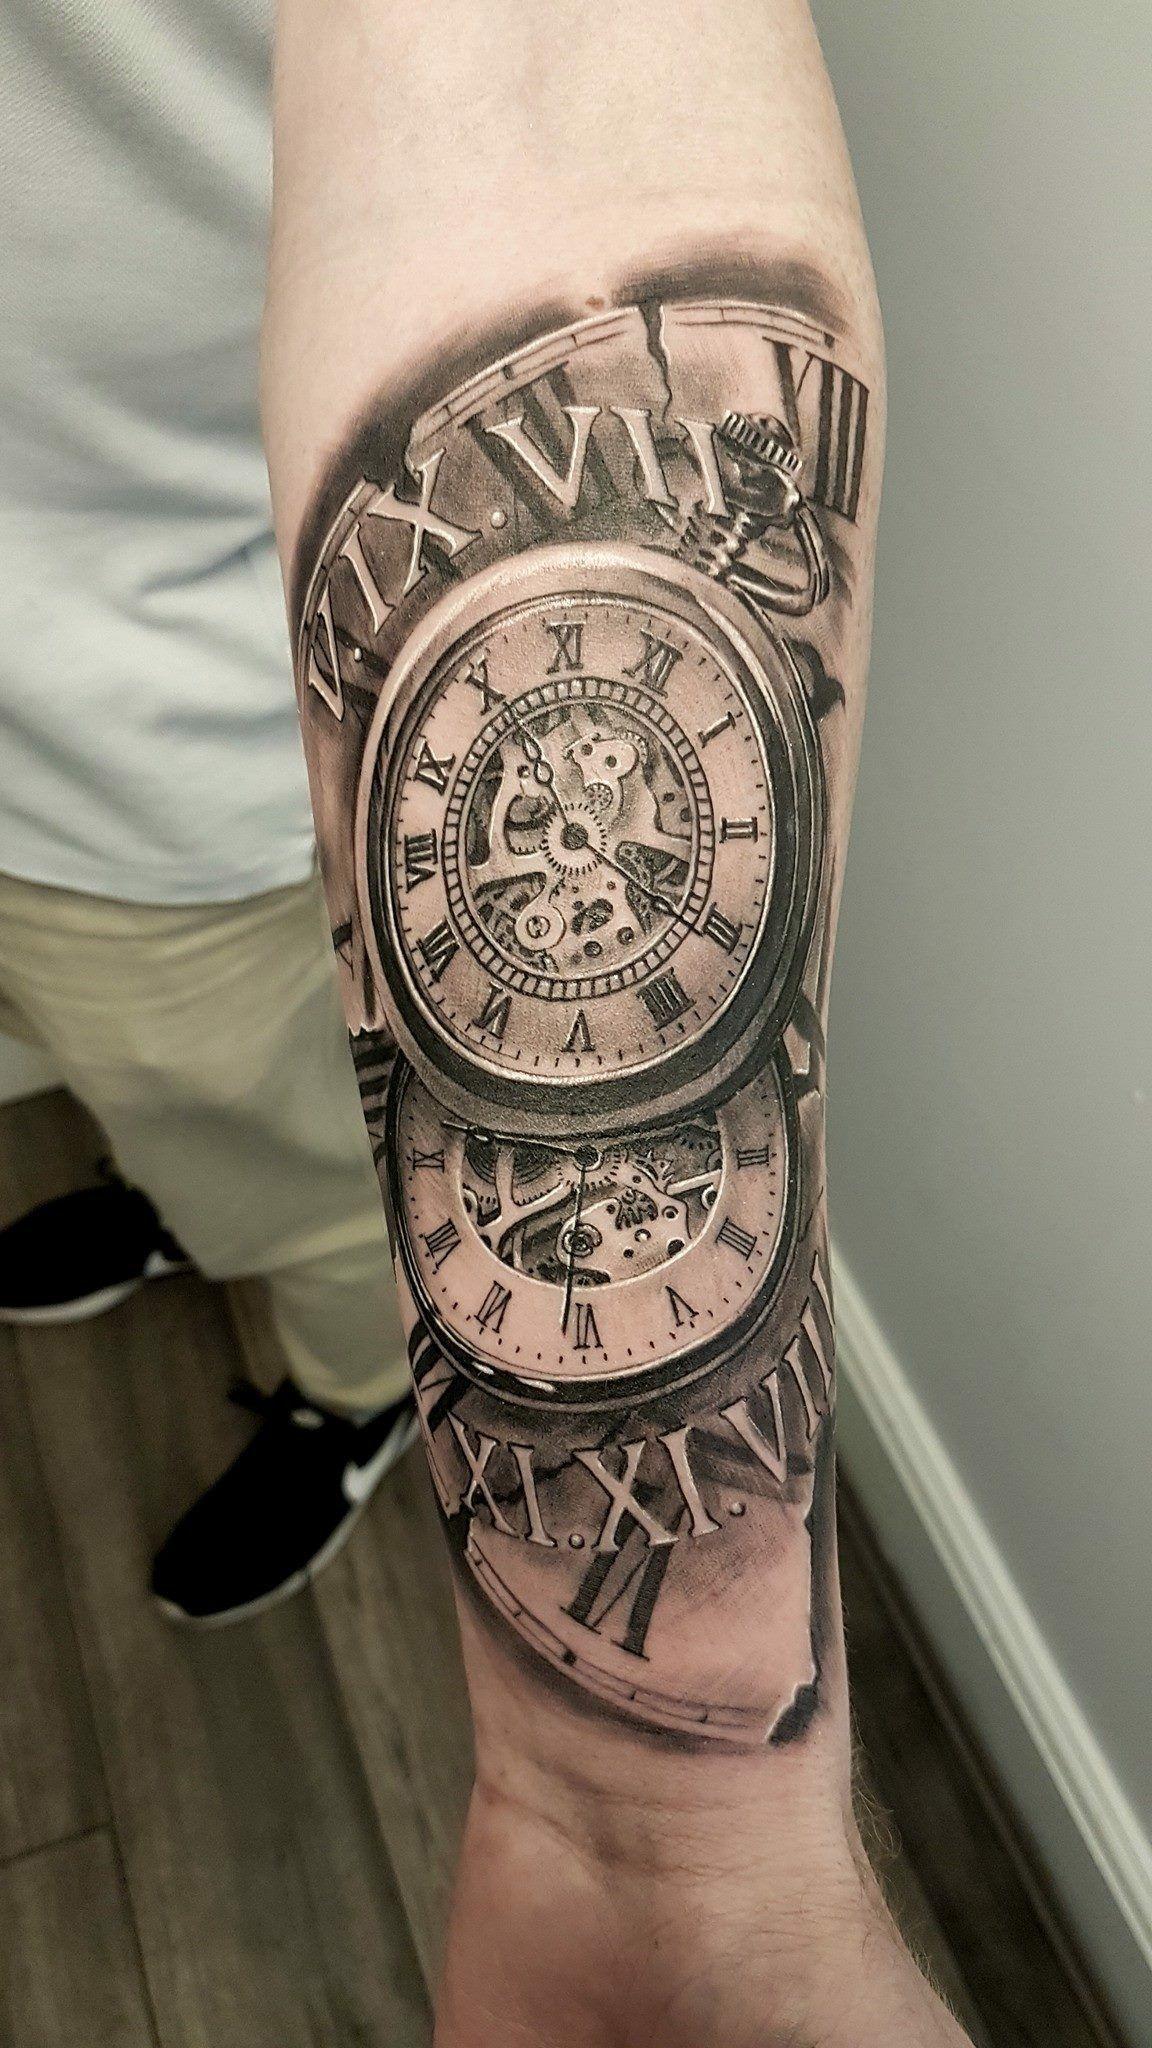 Resultado De Imagen Para Tatuajes Reloj Tatuaje Reloj De Bolsillo Tatuajes De Relojes Reloj Para Tatuar